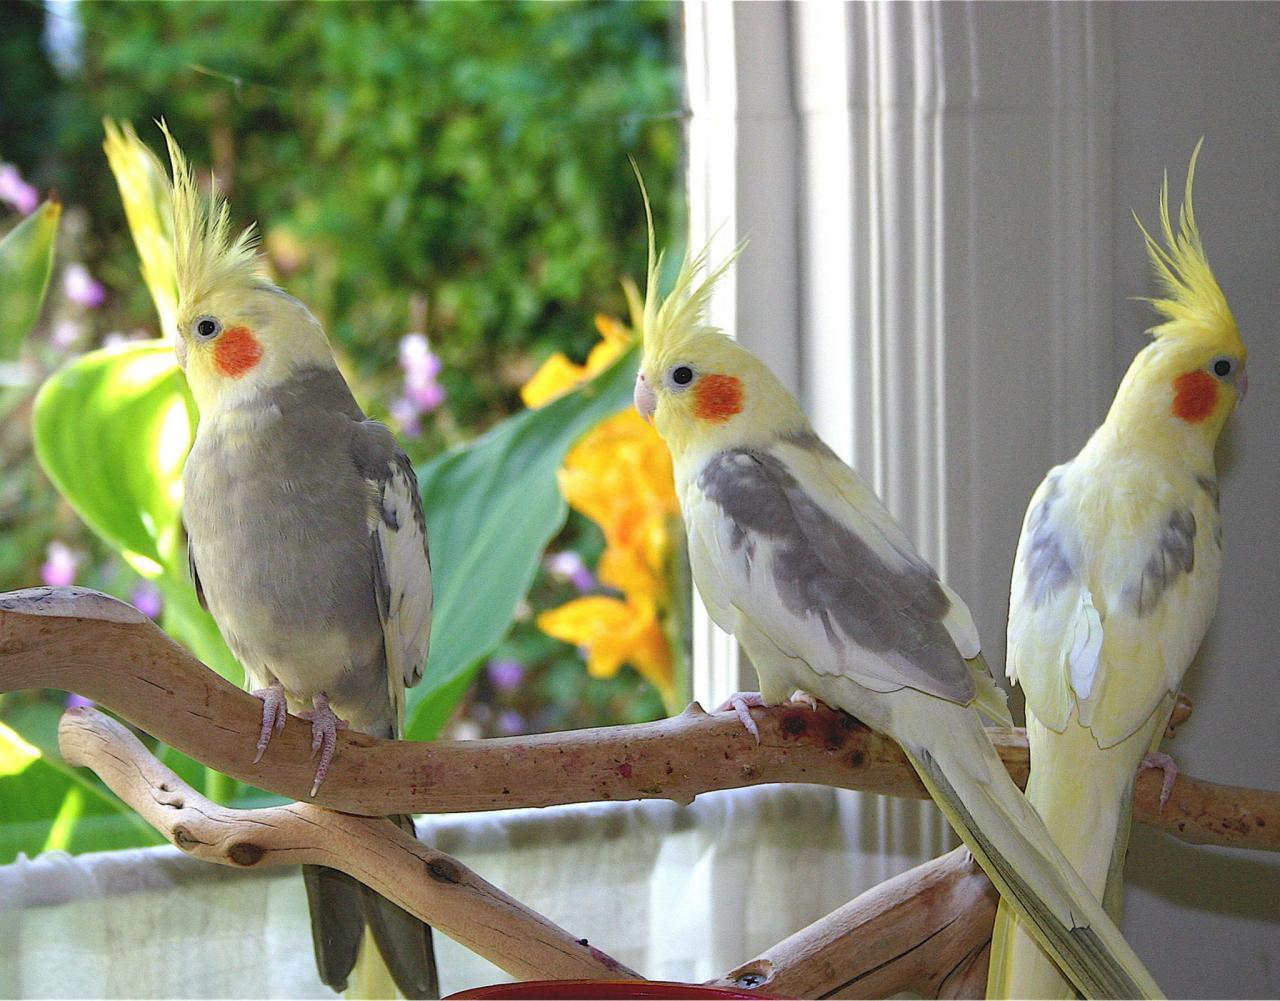 بالصور اجمل صور للعصافير , جمال العصافير تتجمع في هذه الصورة 3608 12